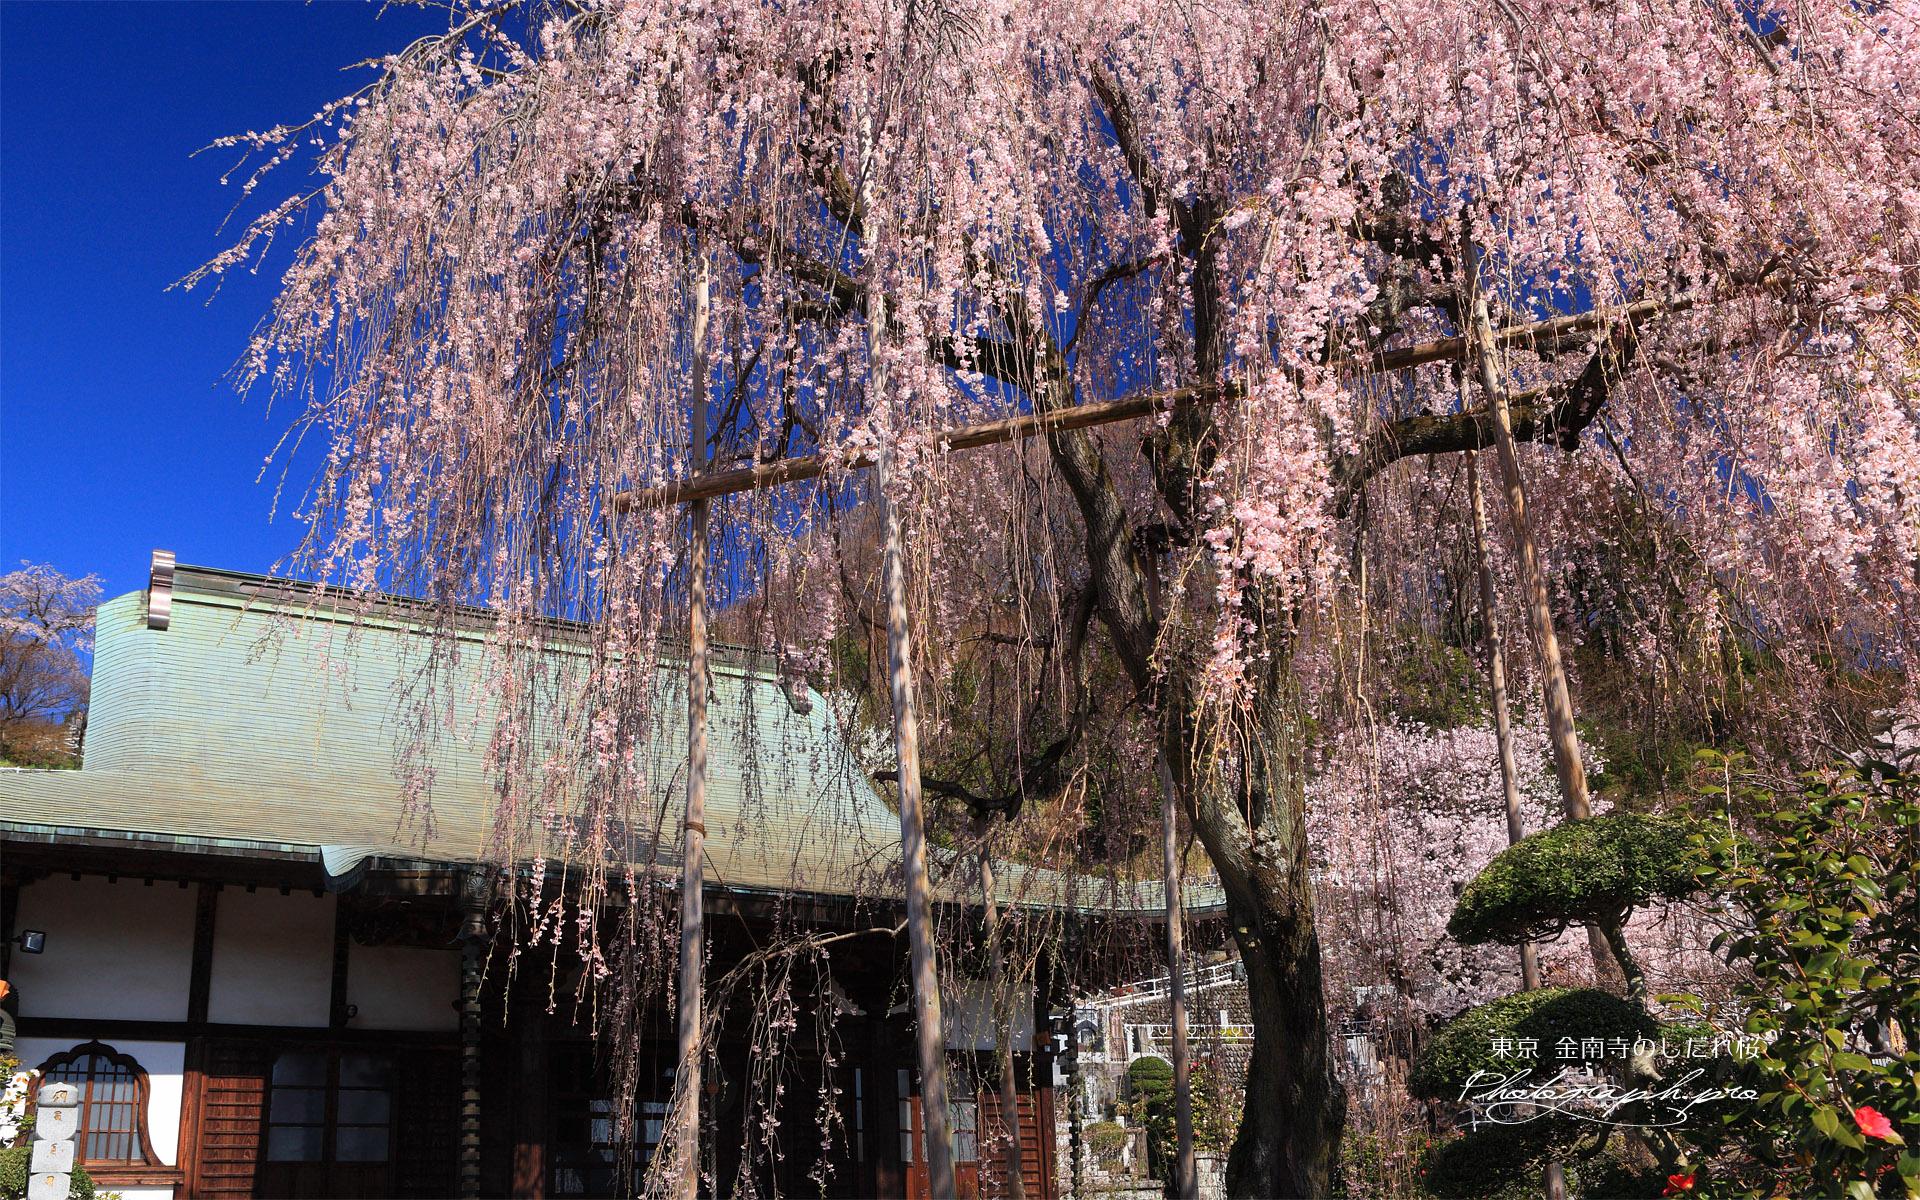 金南寺のしだれ桜